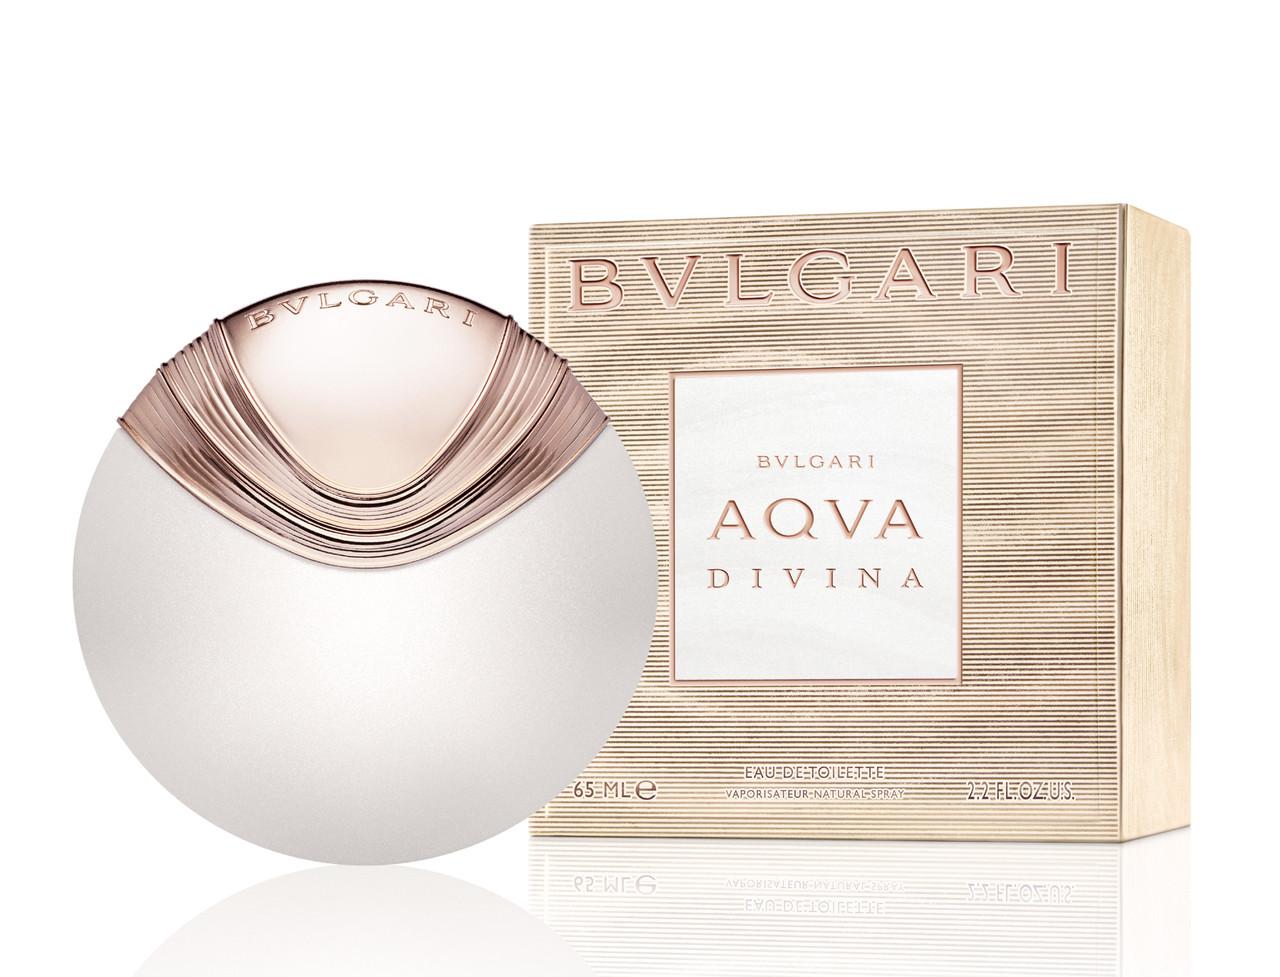 Парфюмированная вода женская (духи) Bvlgari Aqva Divina 100 мл